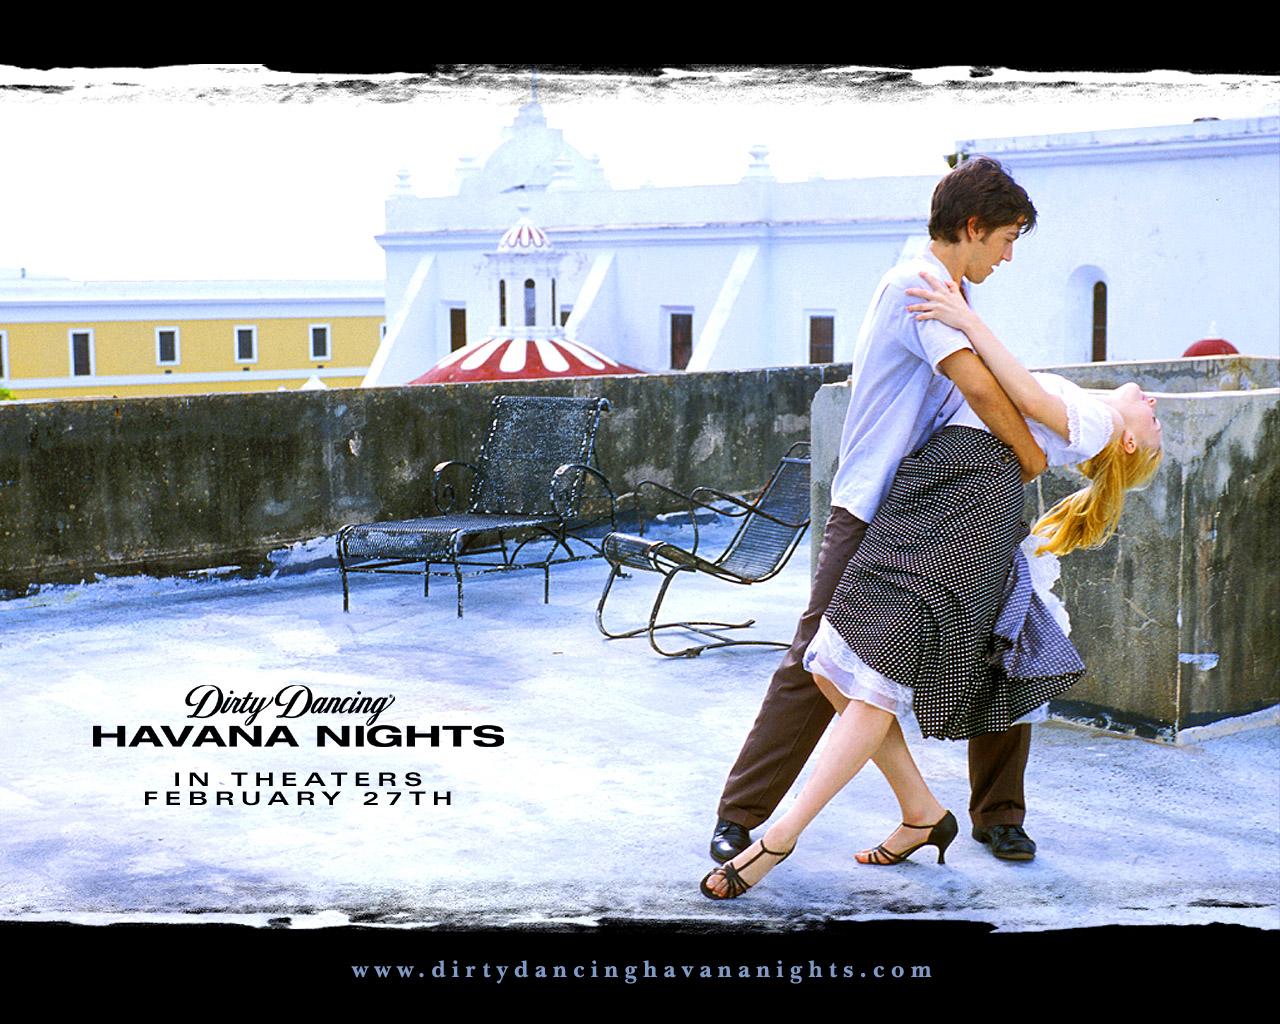 download Dirty Dancing Havana Nights Diego Luna Wallpaper 1280x1024